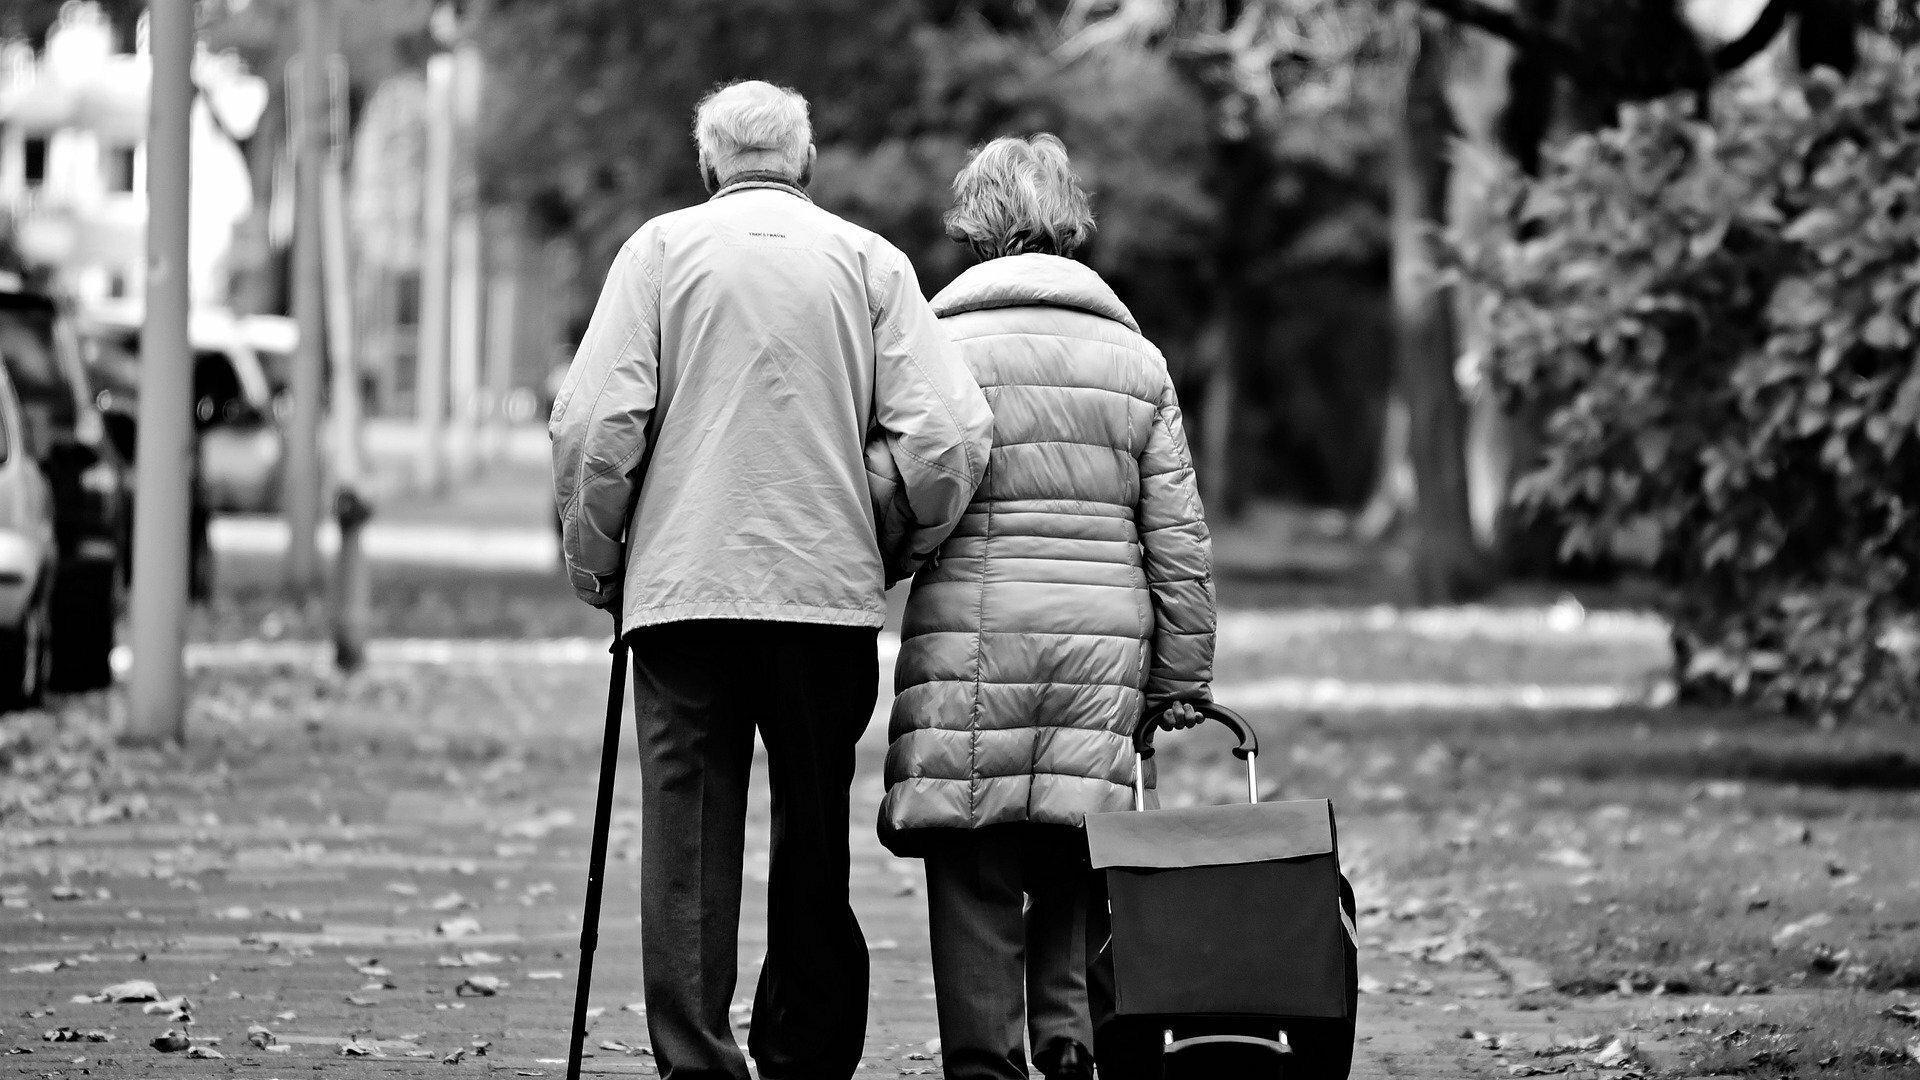 Ein altes Paar geht zusammen durch den Park. Man sieht den Mann und die Frau von hinten, sie zieht einen Einkaufswagen hinter sich her.